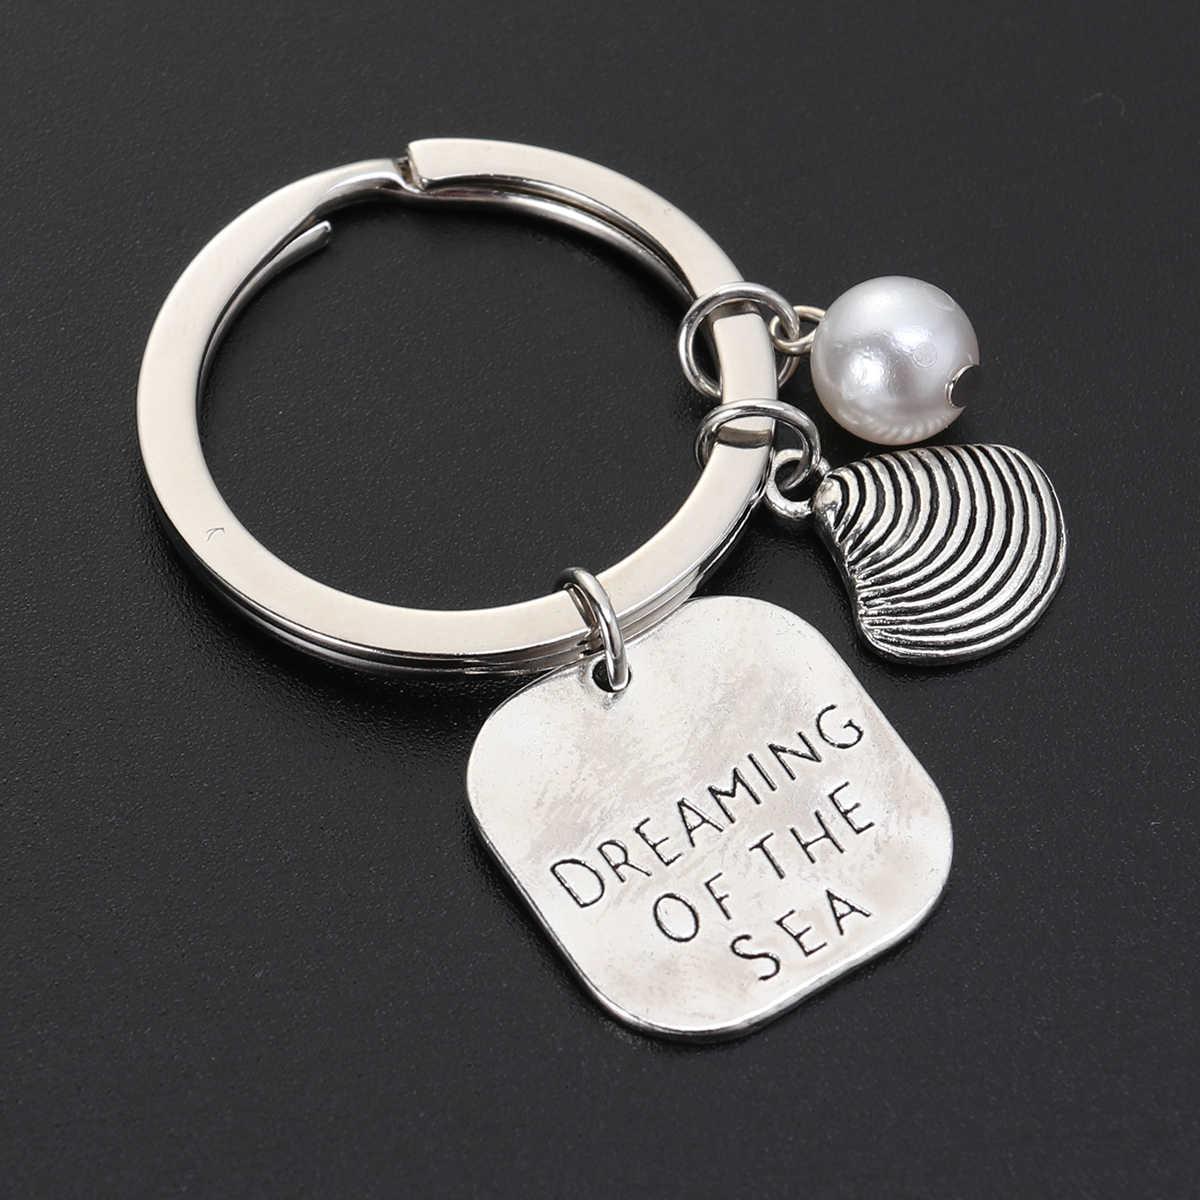 1 pc Marine Theme พวงกุญแจ Keyrings ไข่มุกโลหะแขวนเครื่องประดับจี้รถพวงกุญแจกระเป๋าจี้สำหรับผู้ชายผู้หญิงเด็ก